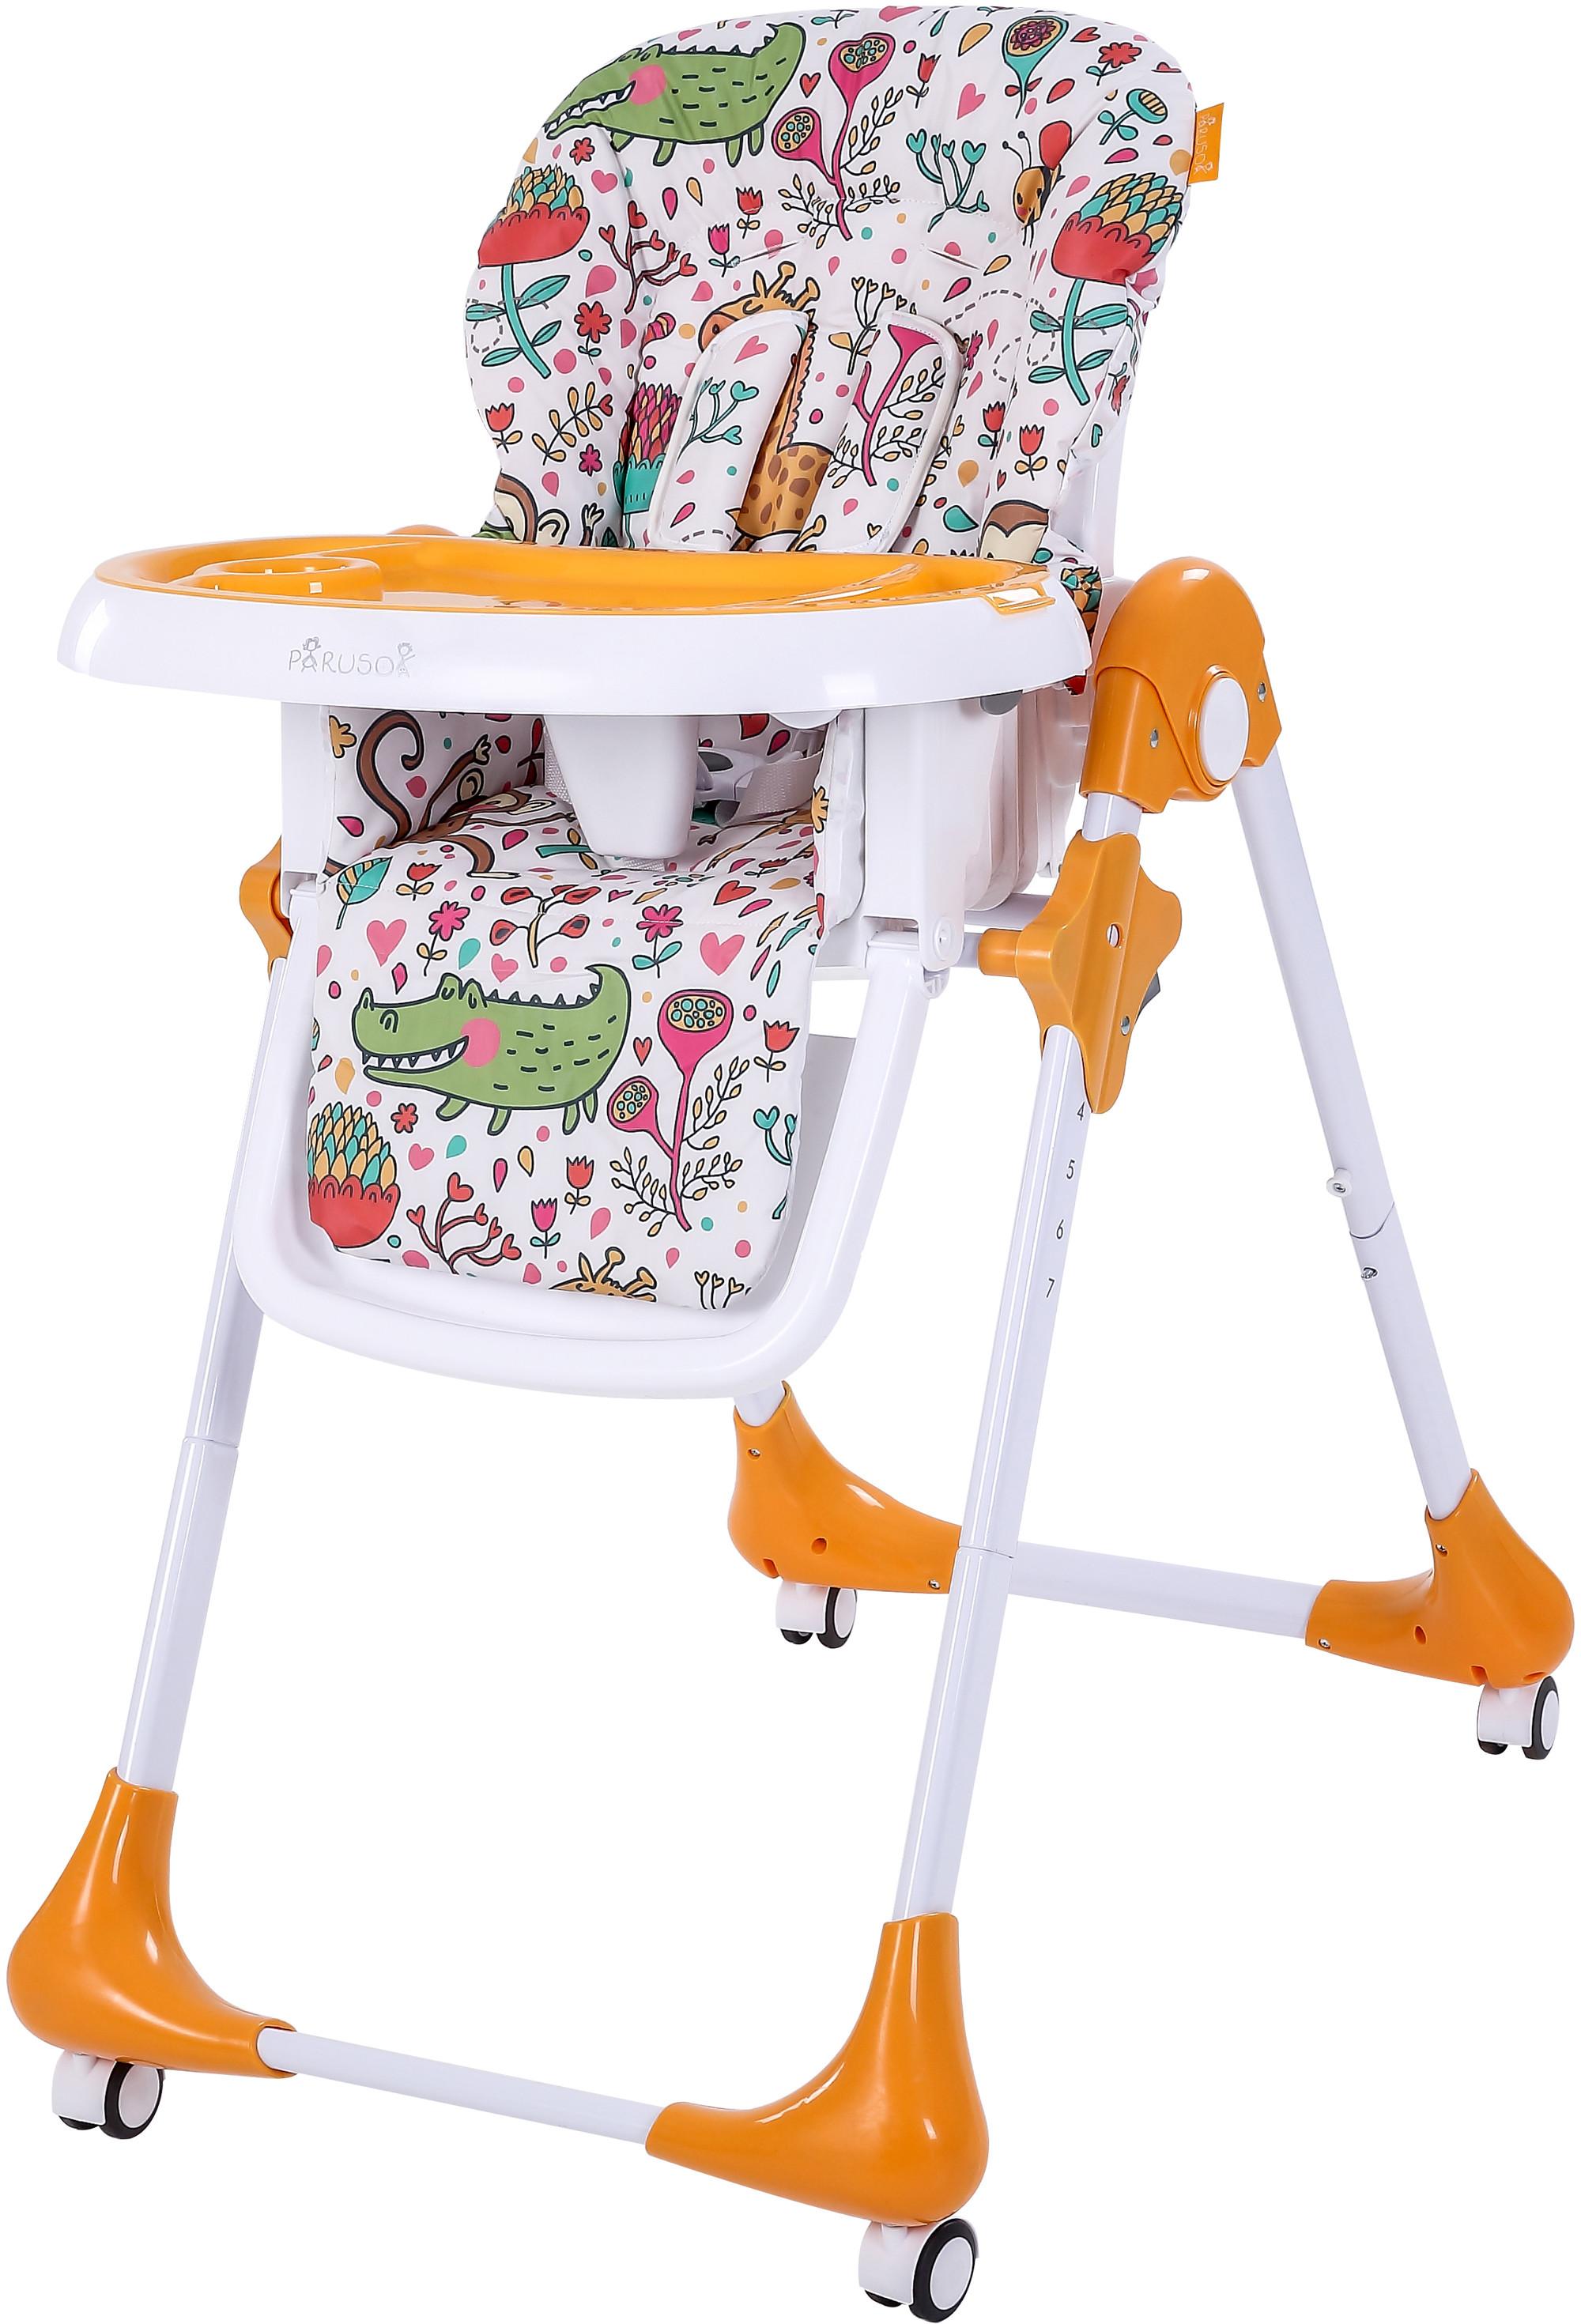 Стульчики для кормления Parusok Стульчик для кормления Parusok «Light» цвет оранжевый стульчики для кормления russia гном